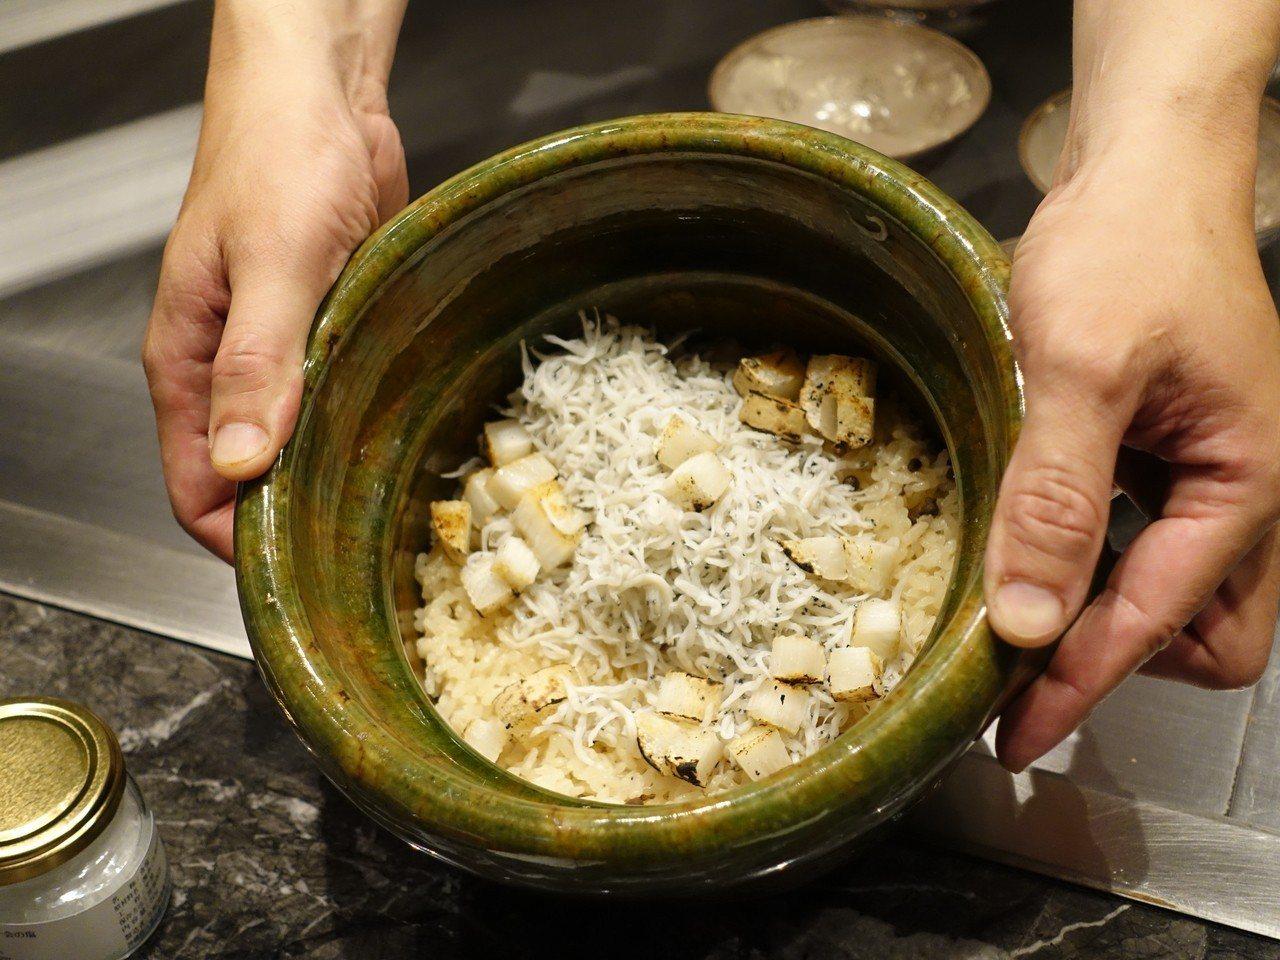 「吻仔魚炙燒烏魚子土鍋」使用「雲井窯土鍋」烹煮一小時。記者張芳瑜/攝影